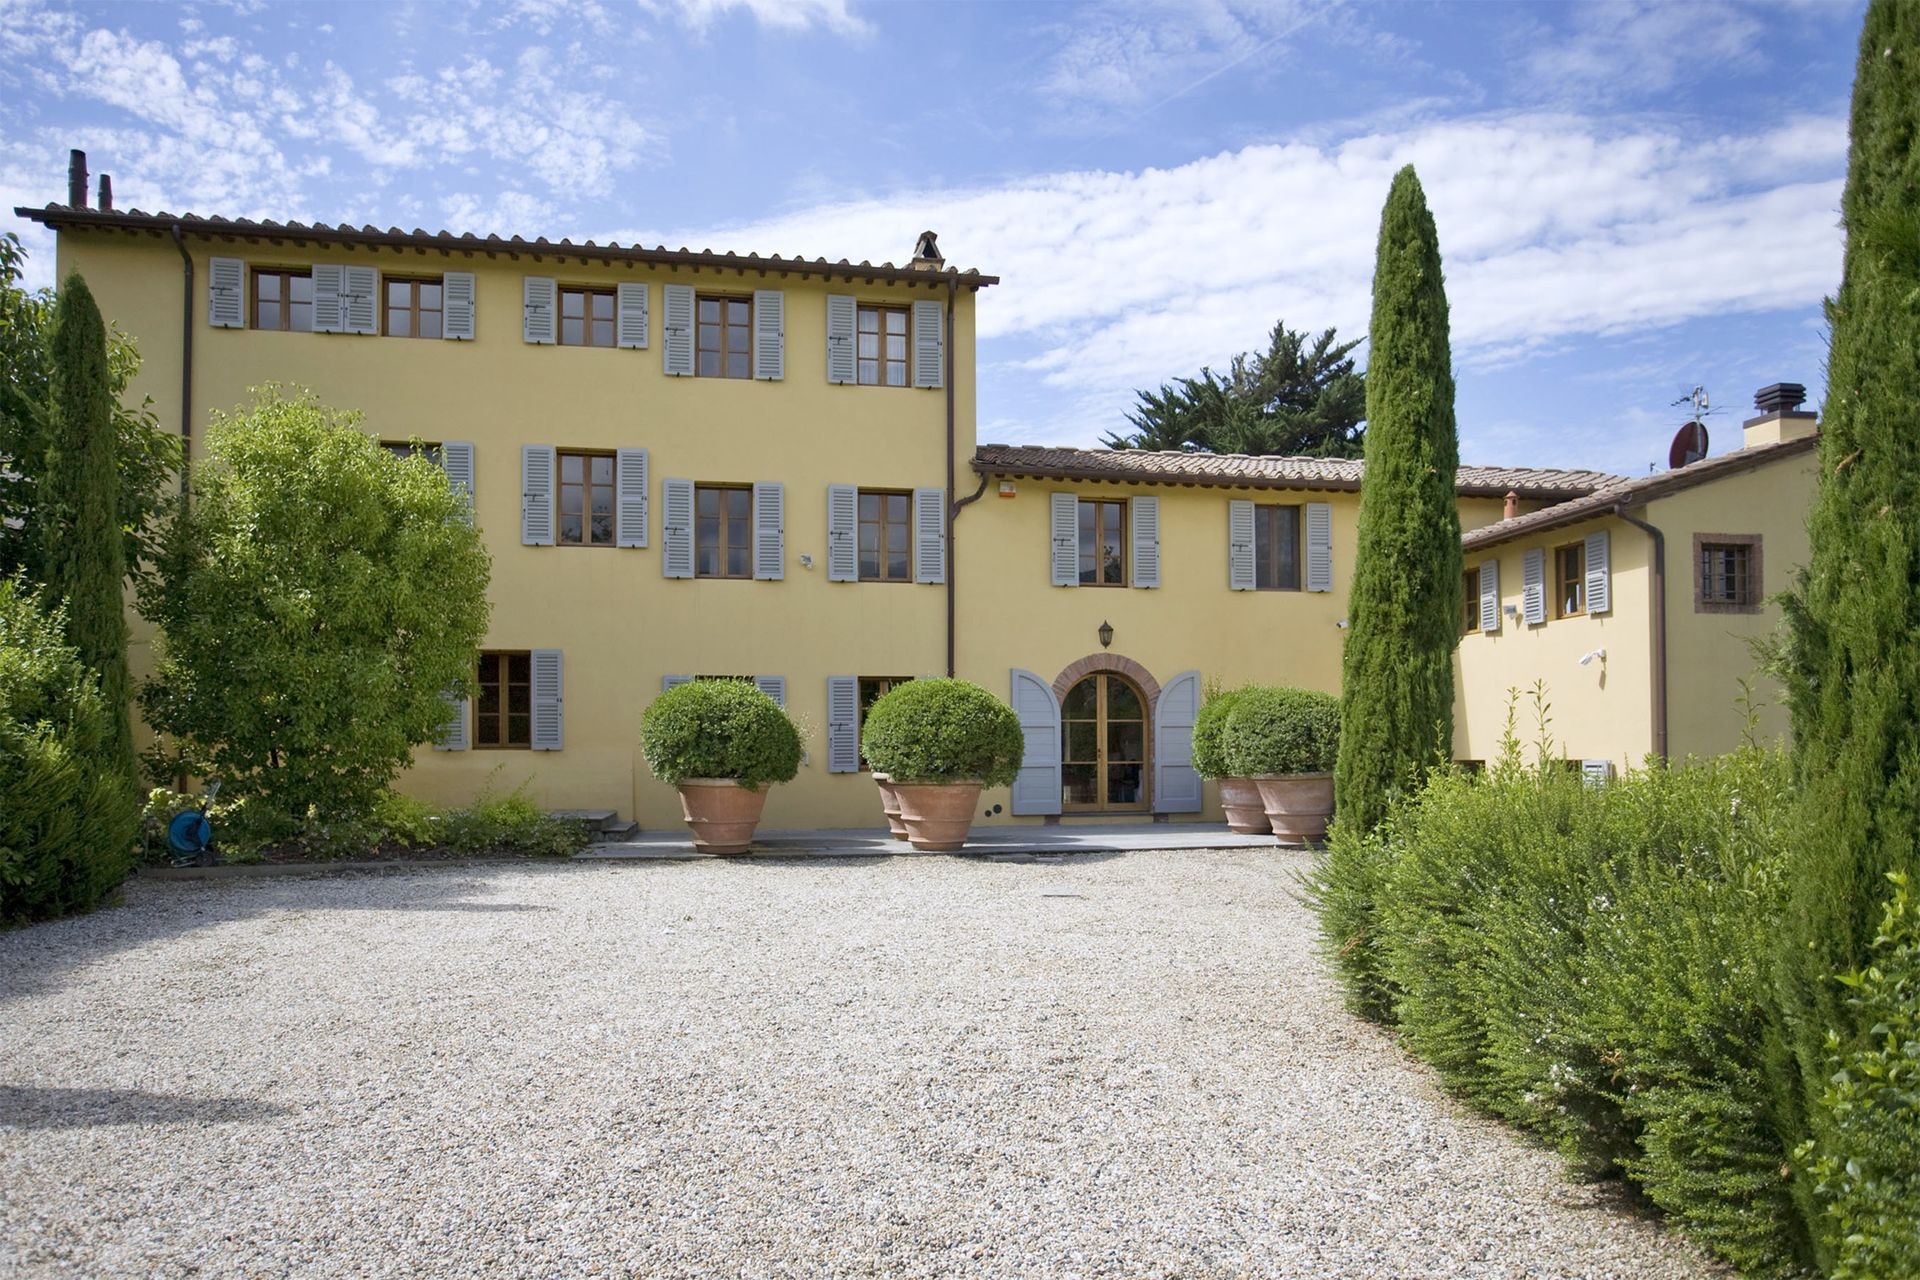 La corte malgiacca villa en toscane lucques salogi for Architecte italien contemporain